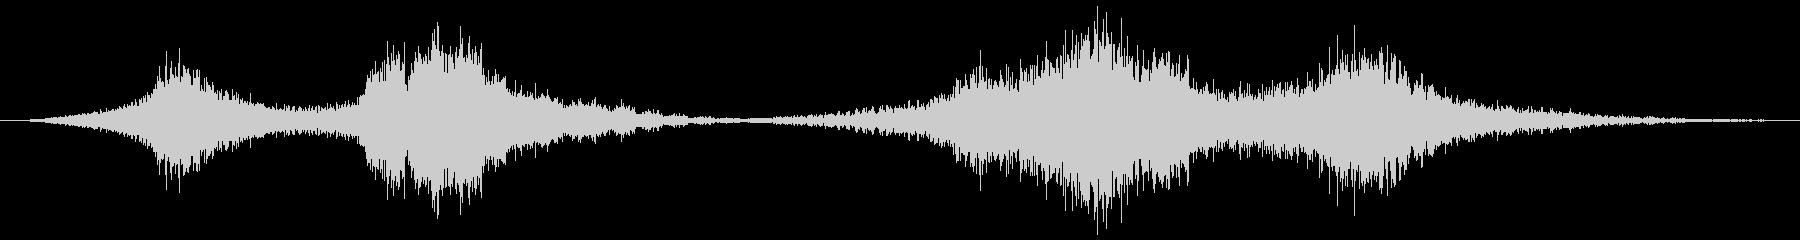 時間の停止や逆行などの抽象的な音#7の未再生の波形